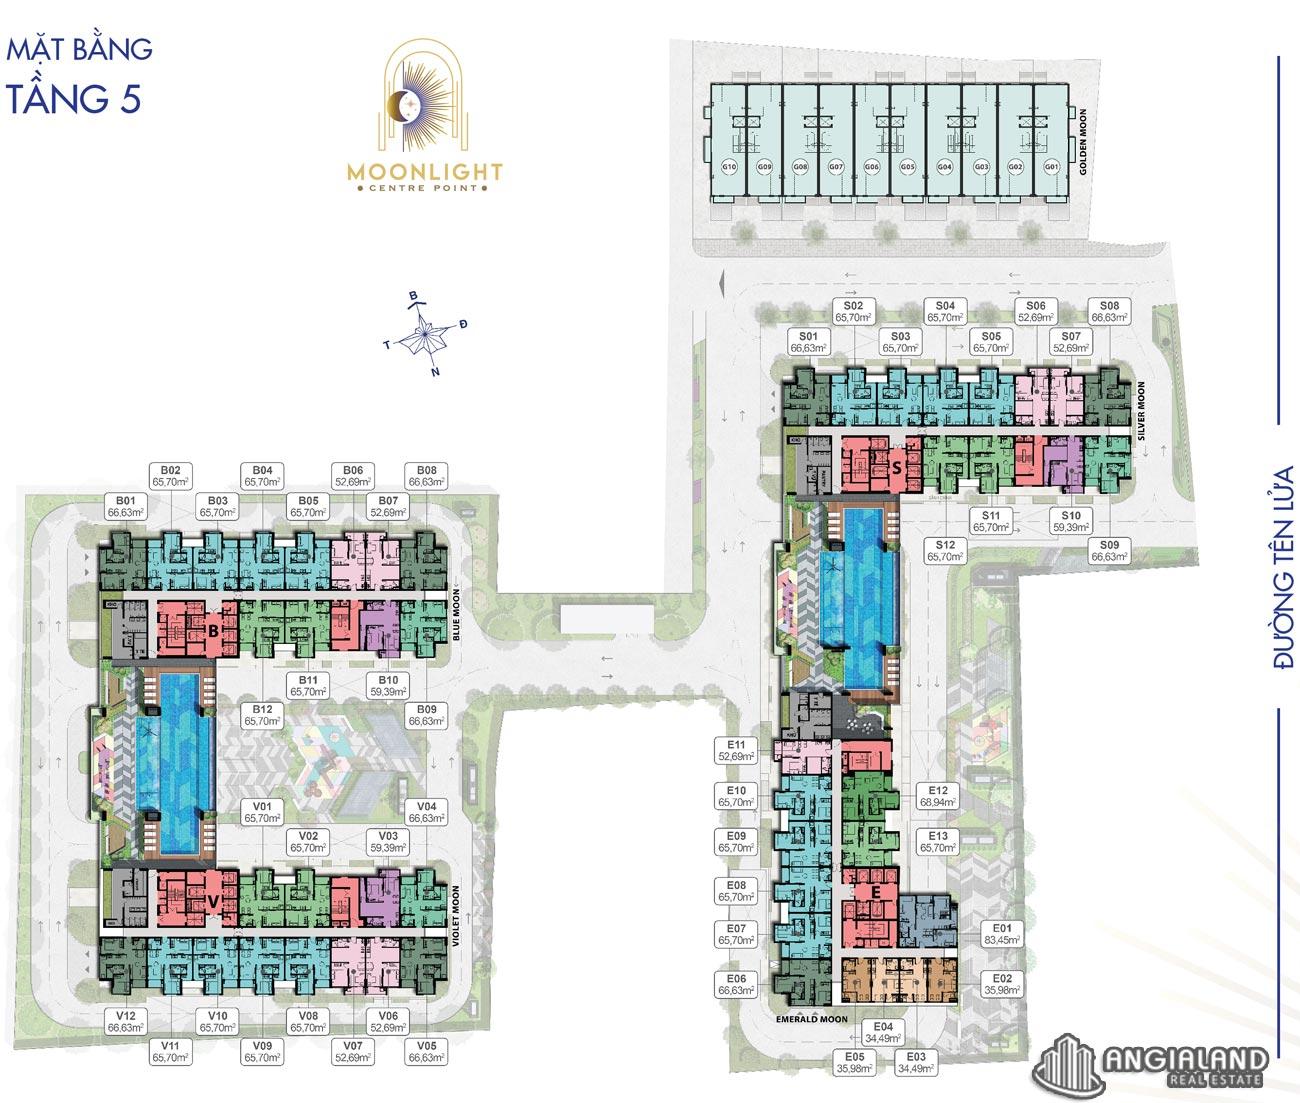 Mặt bằng tầng 5 căn hộ Moonlight Centre Point Hưng Thịnh Q.Bình Tân